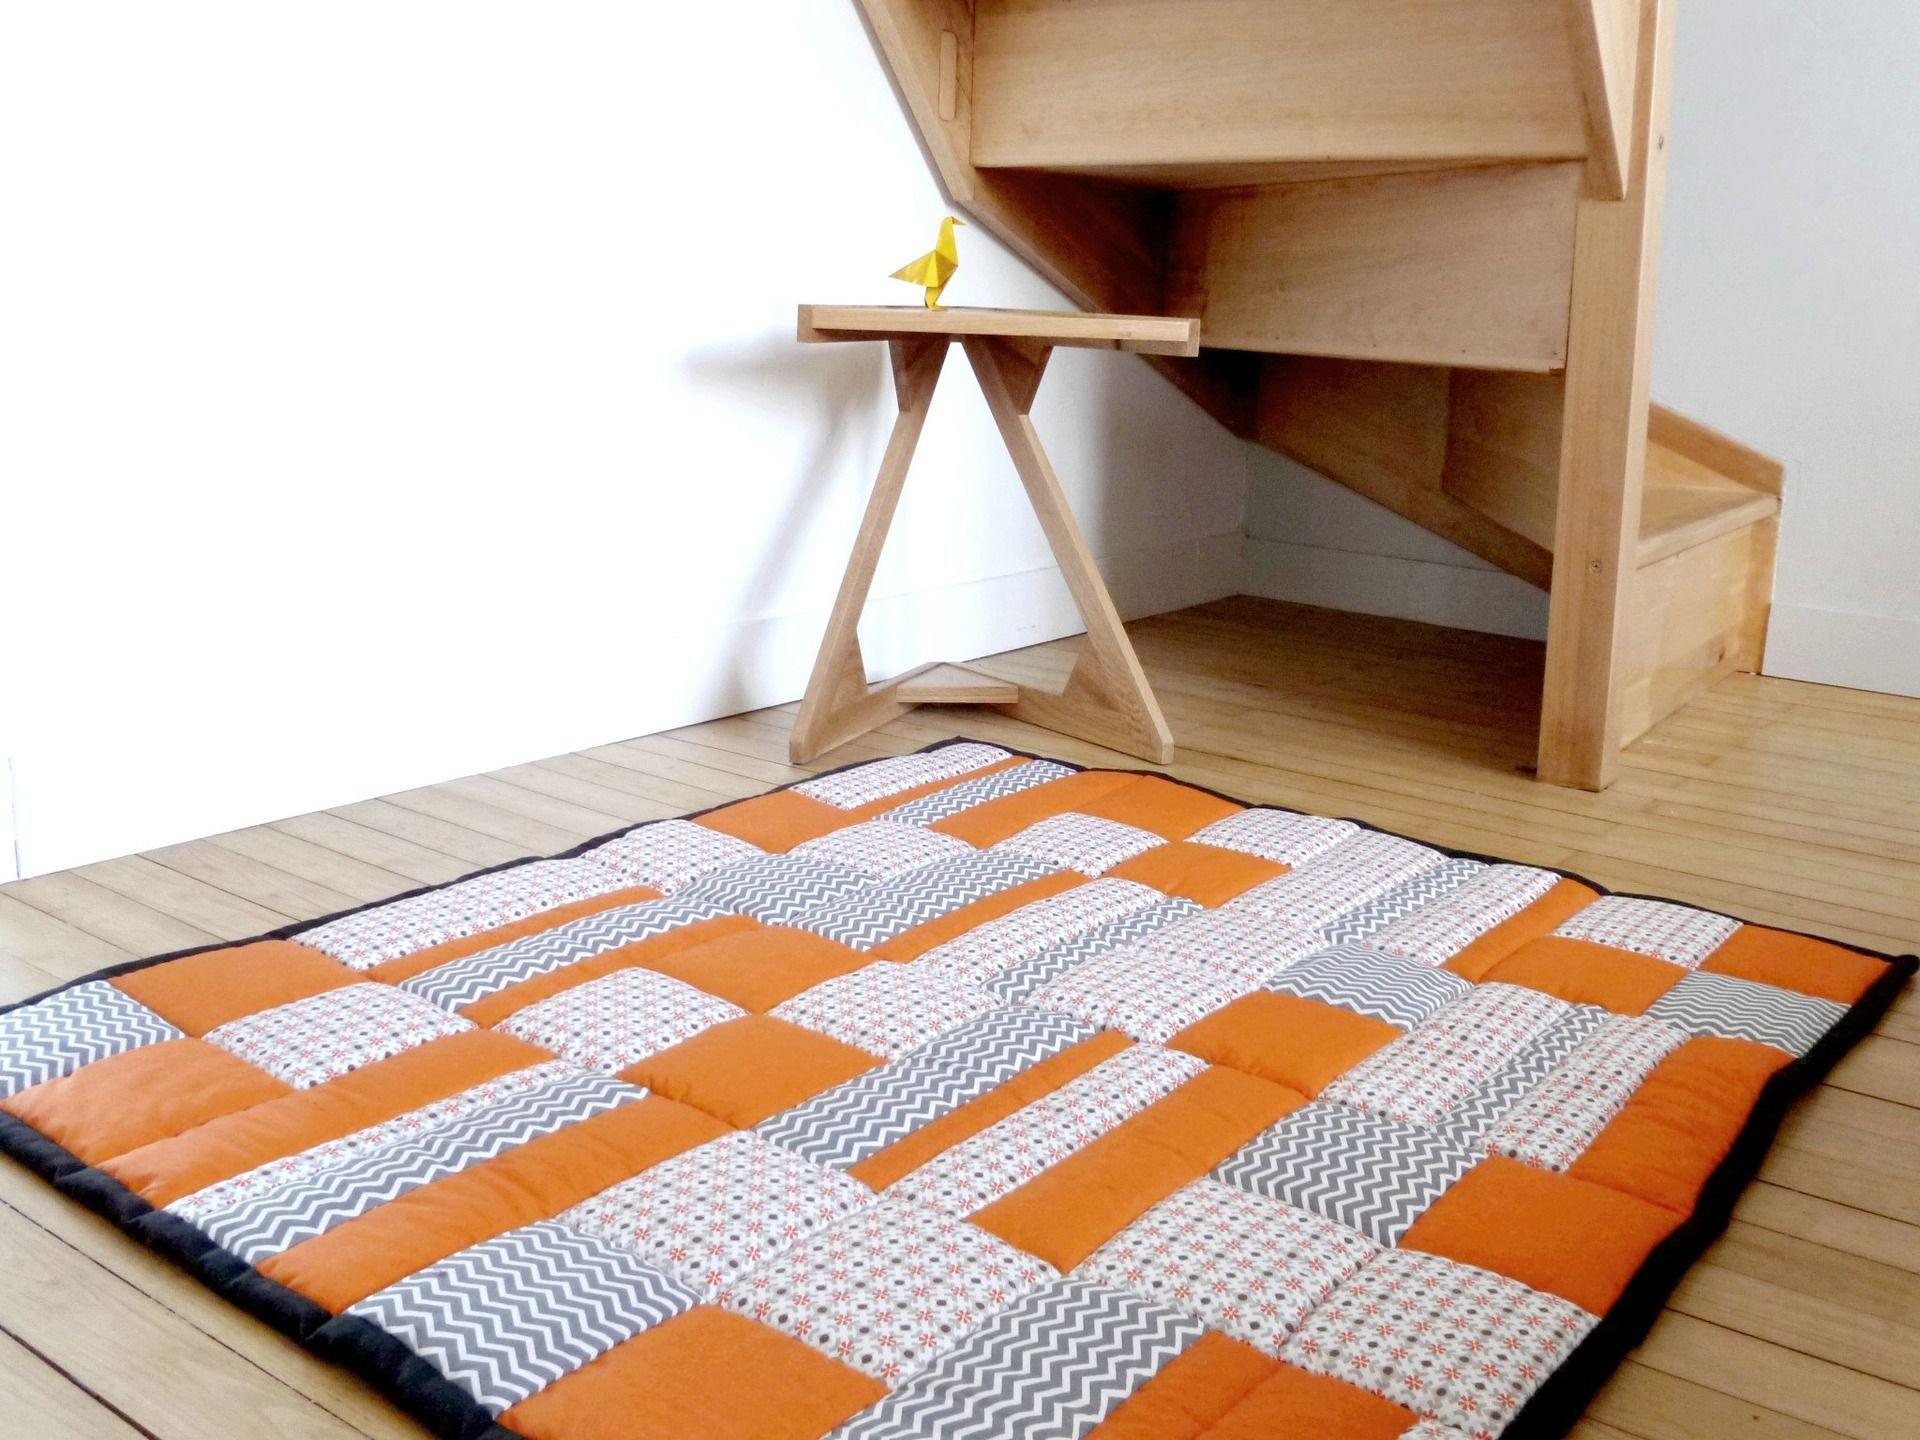 grand tapis b b matelass patchwork orange blanc gris jeux peluches doudous par. Black Bedroom Furniture Sets. Home Design Ideas